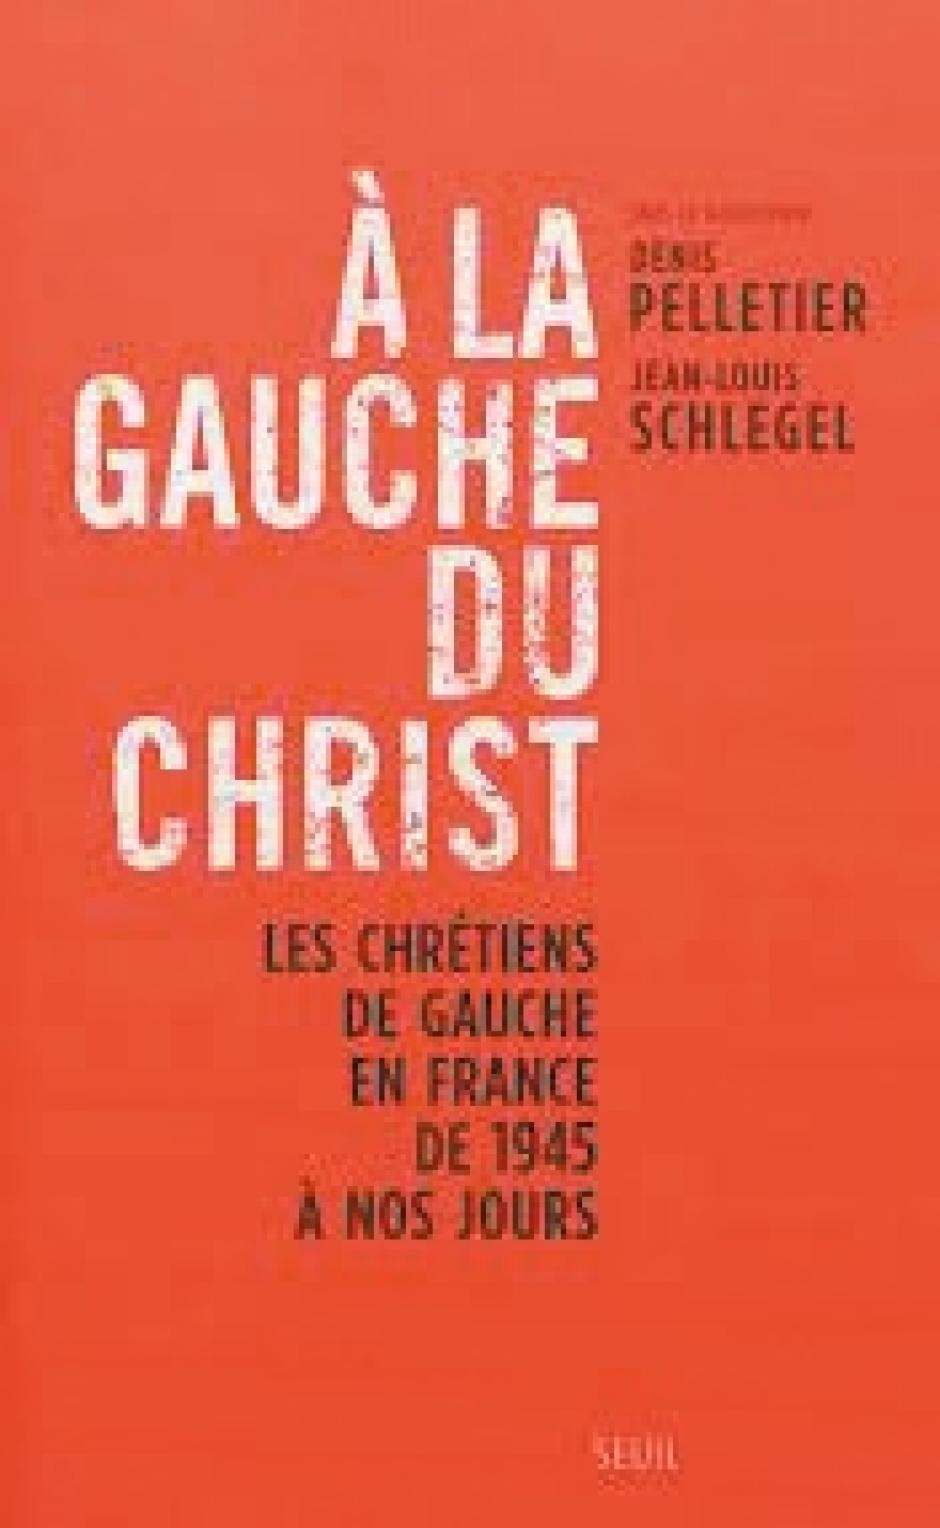 Intellectuels chrétiens entre marxisme et Évangile, Frédéric Gugelot*